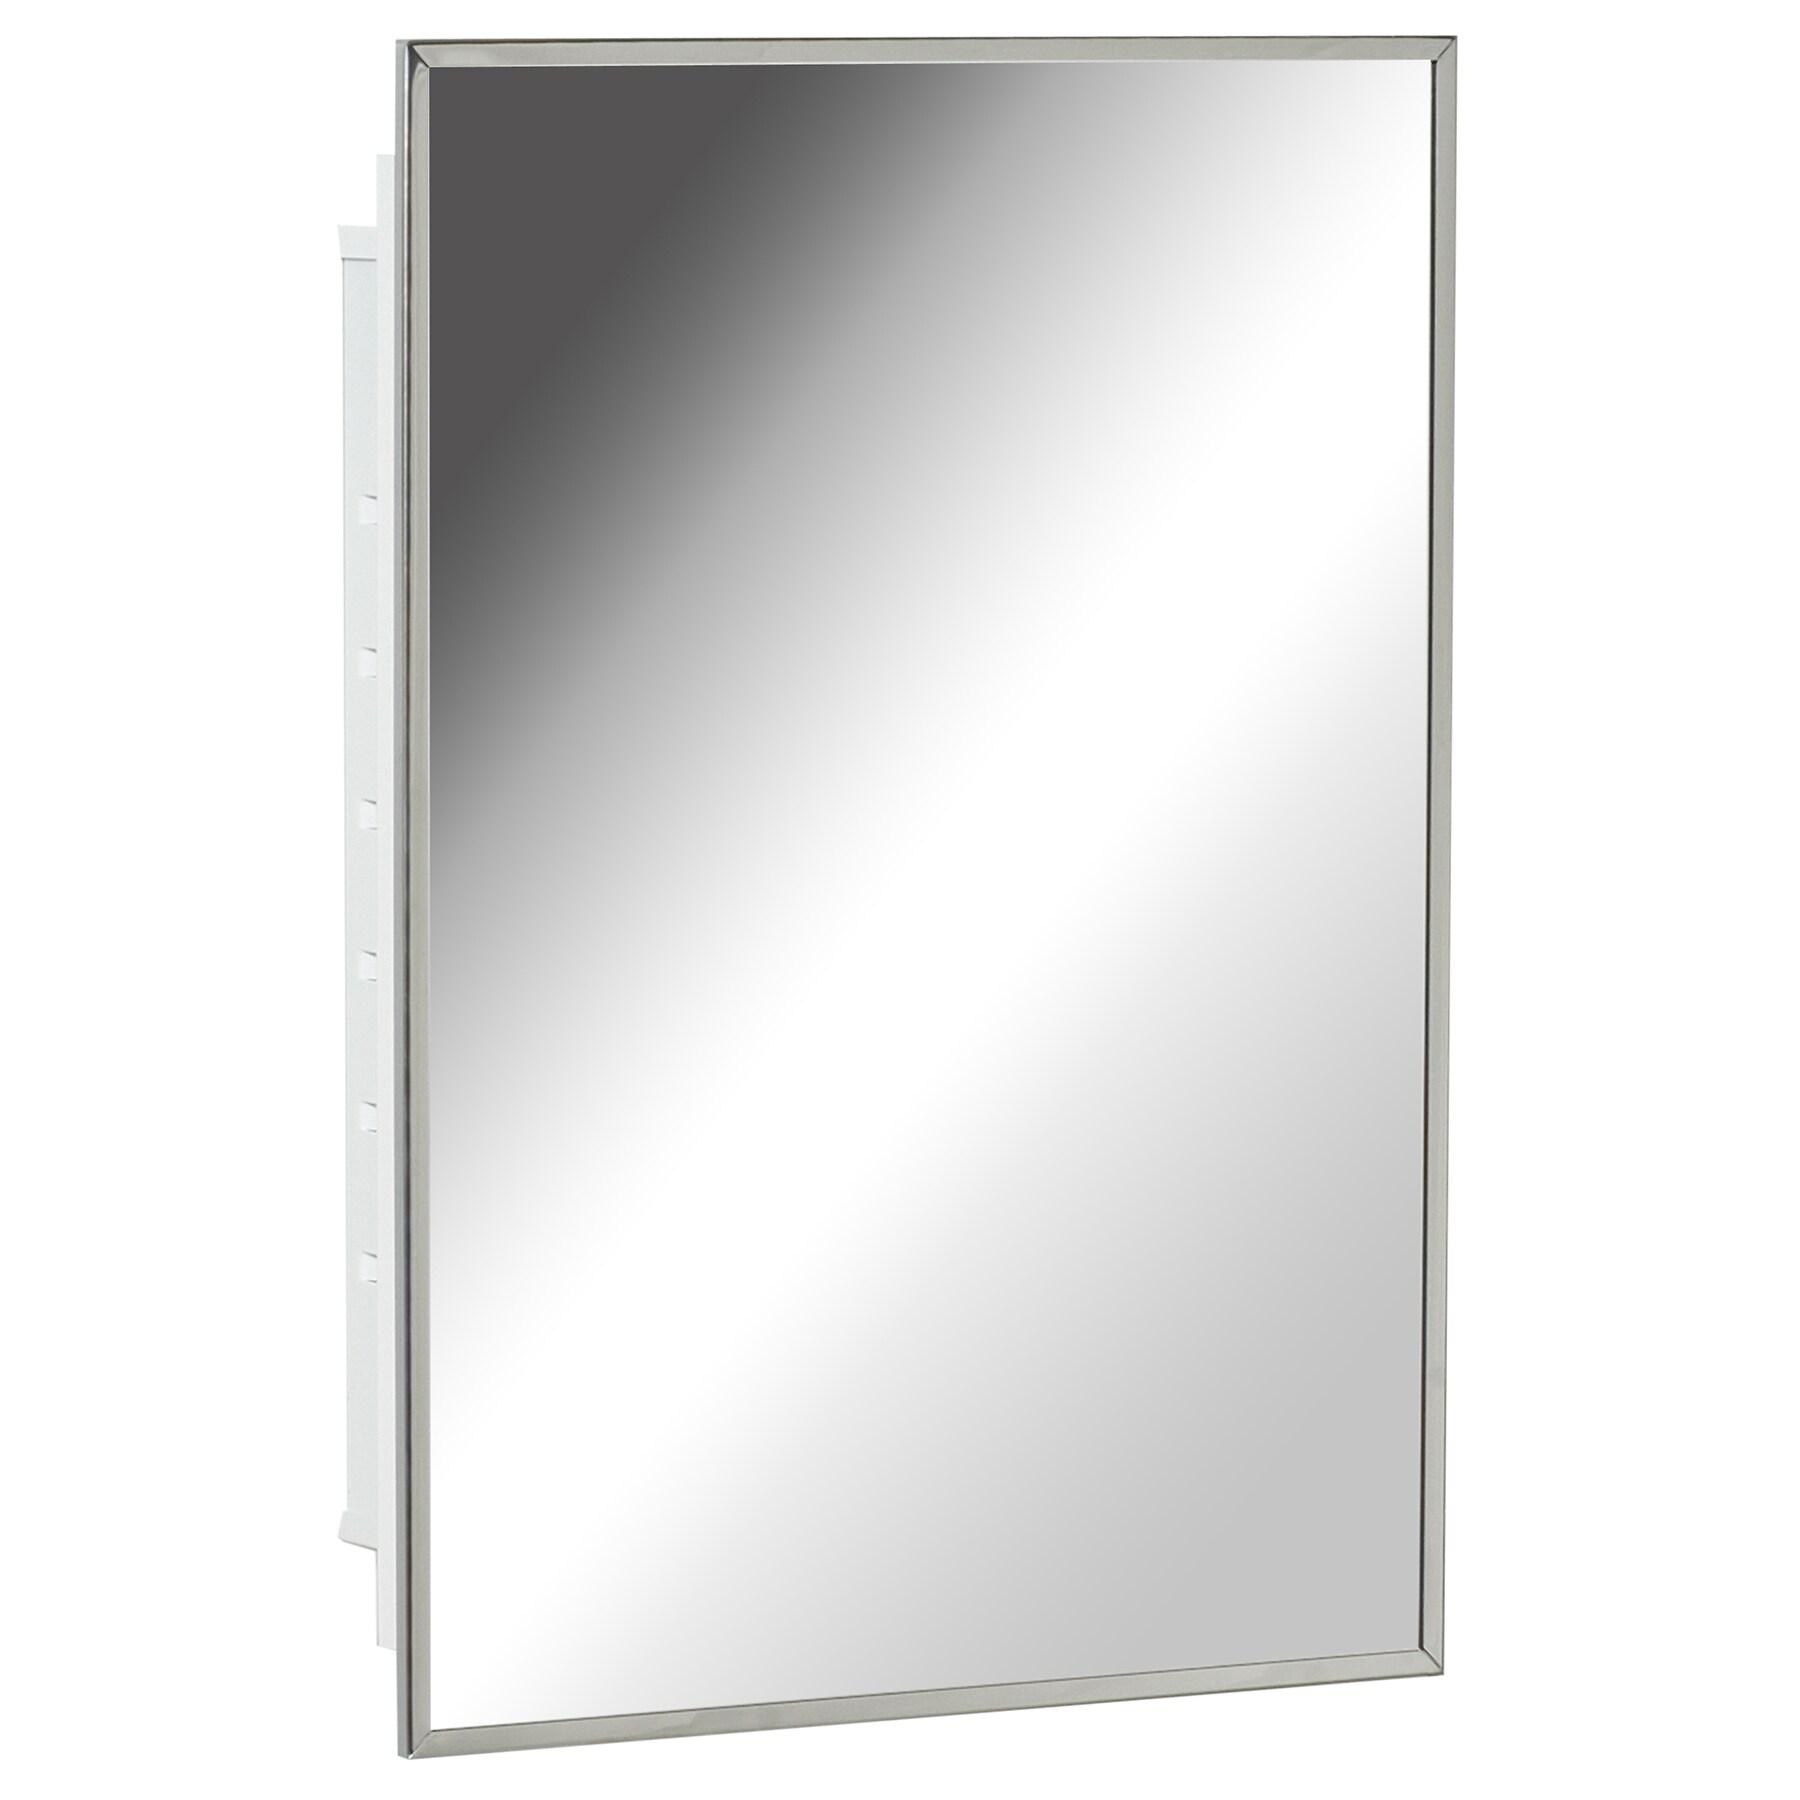 Zenith Products X314 Stainless Steel Swing Door Medicine Cabinet Overstock 12653810